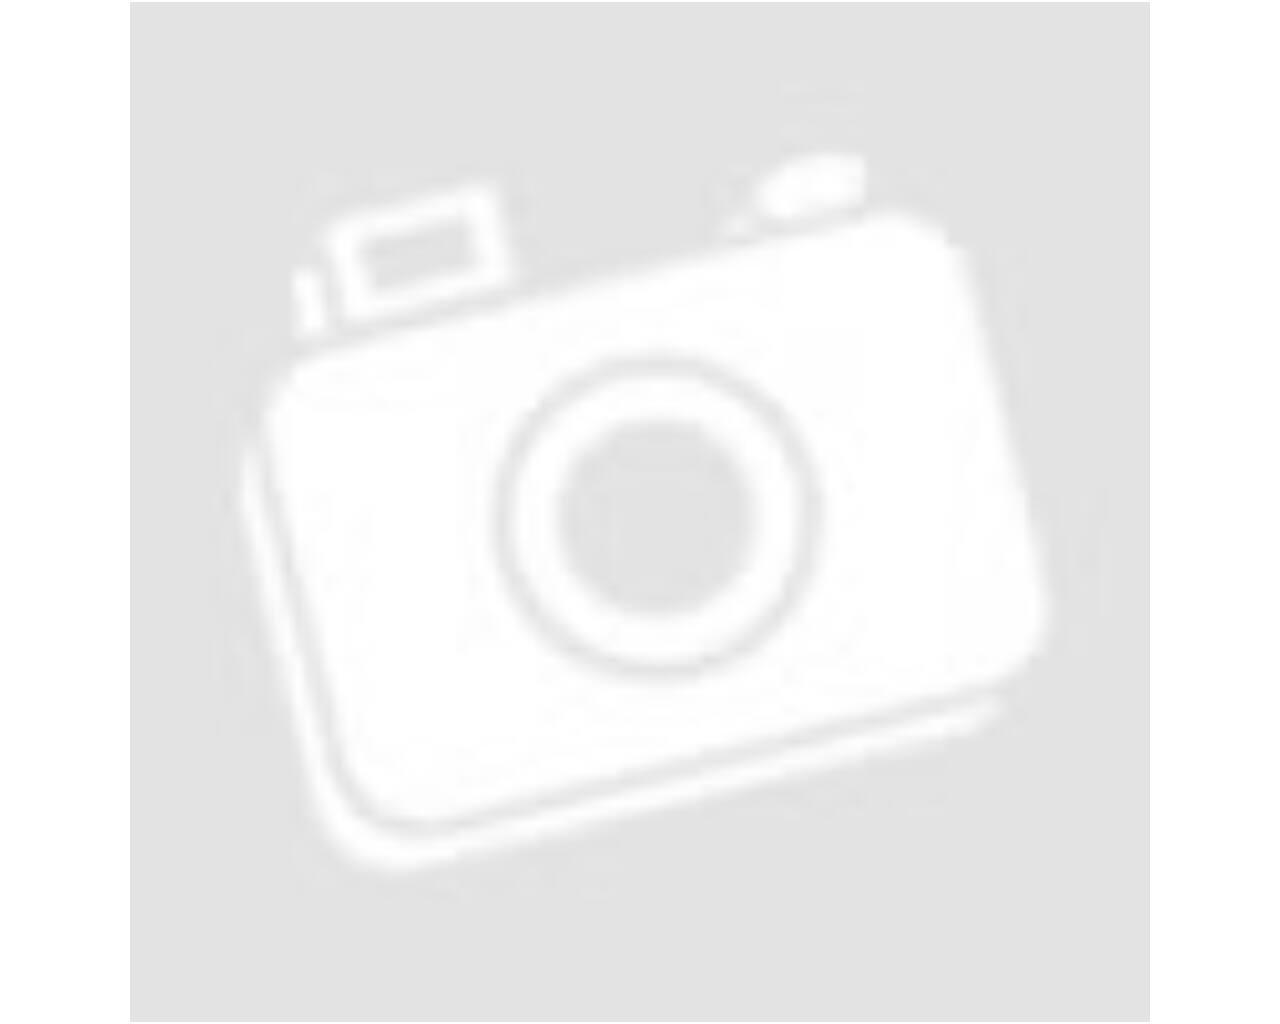 Füstcső könyök, zománcozott lemez, 120 mm, fényes fehér